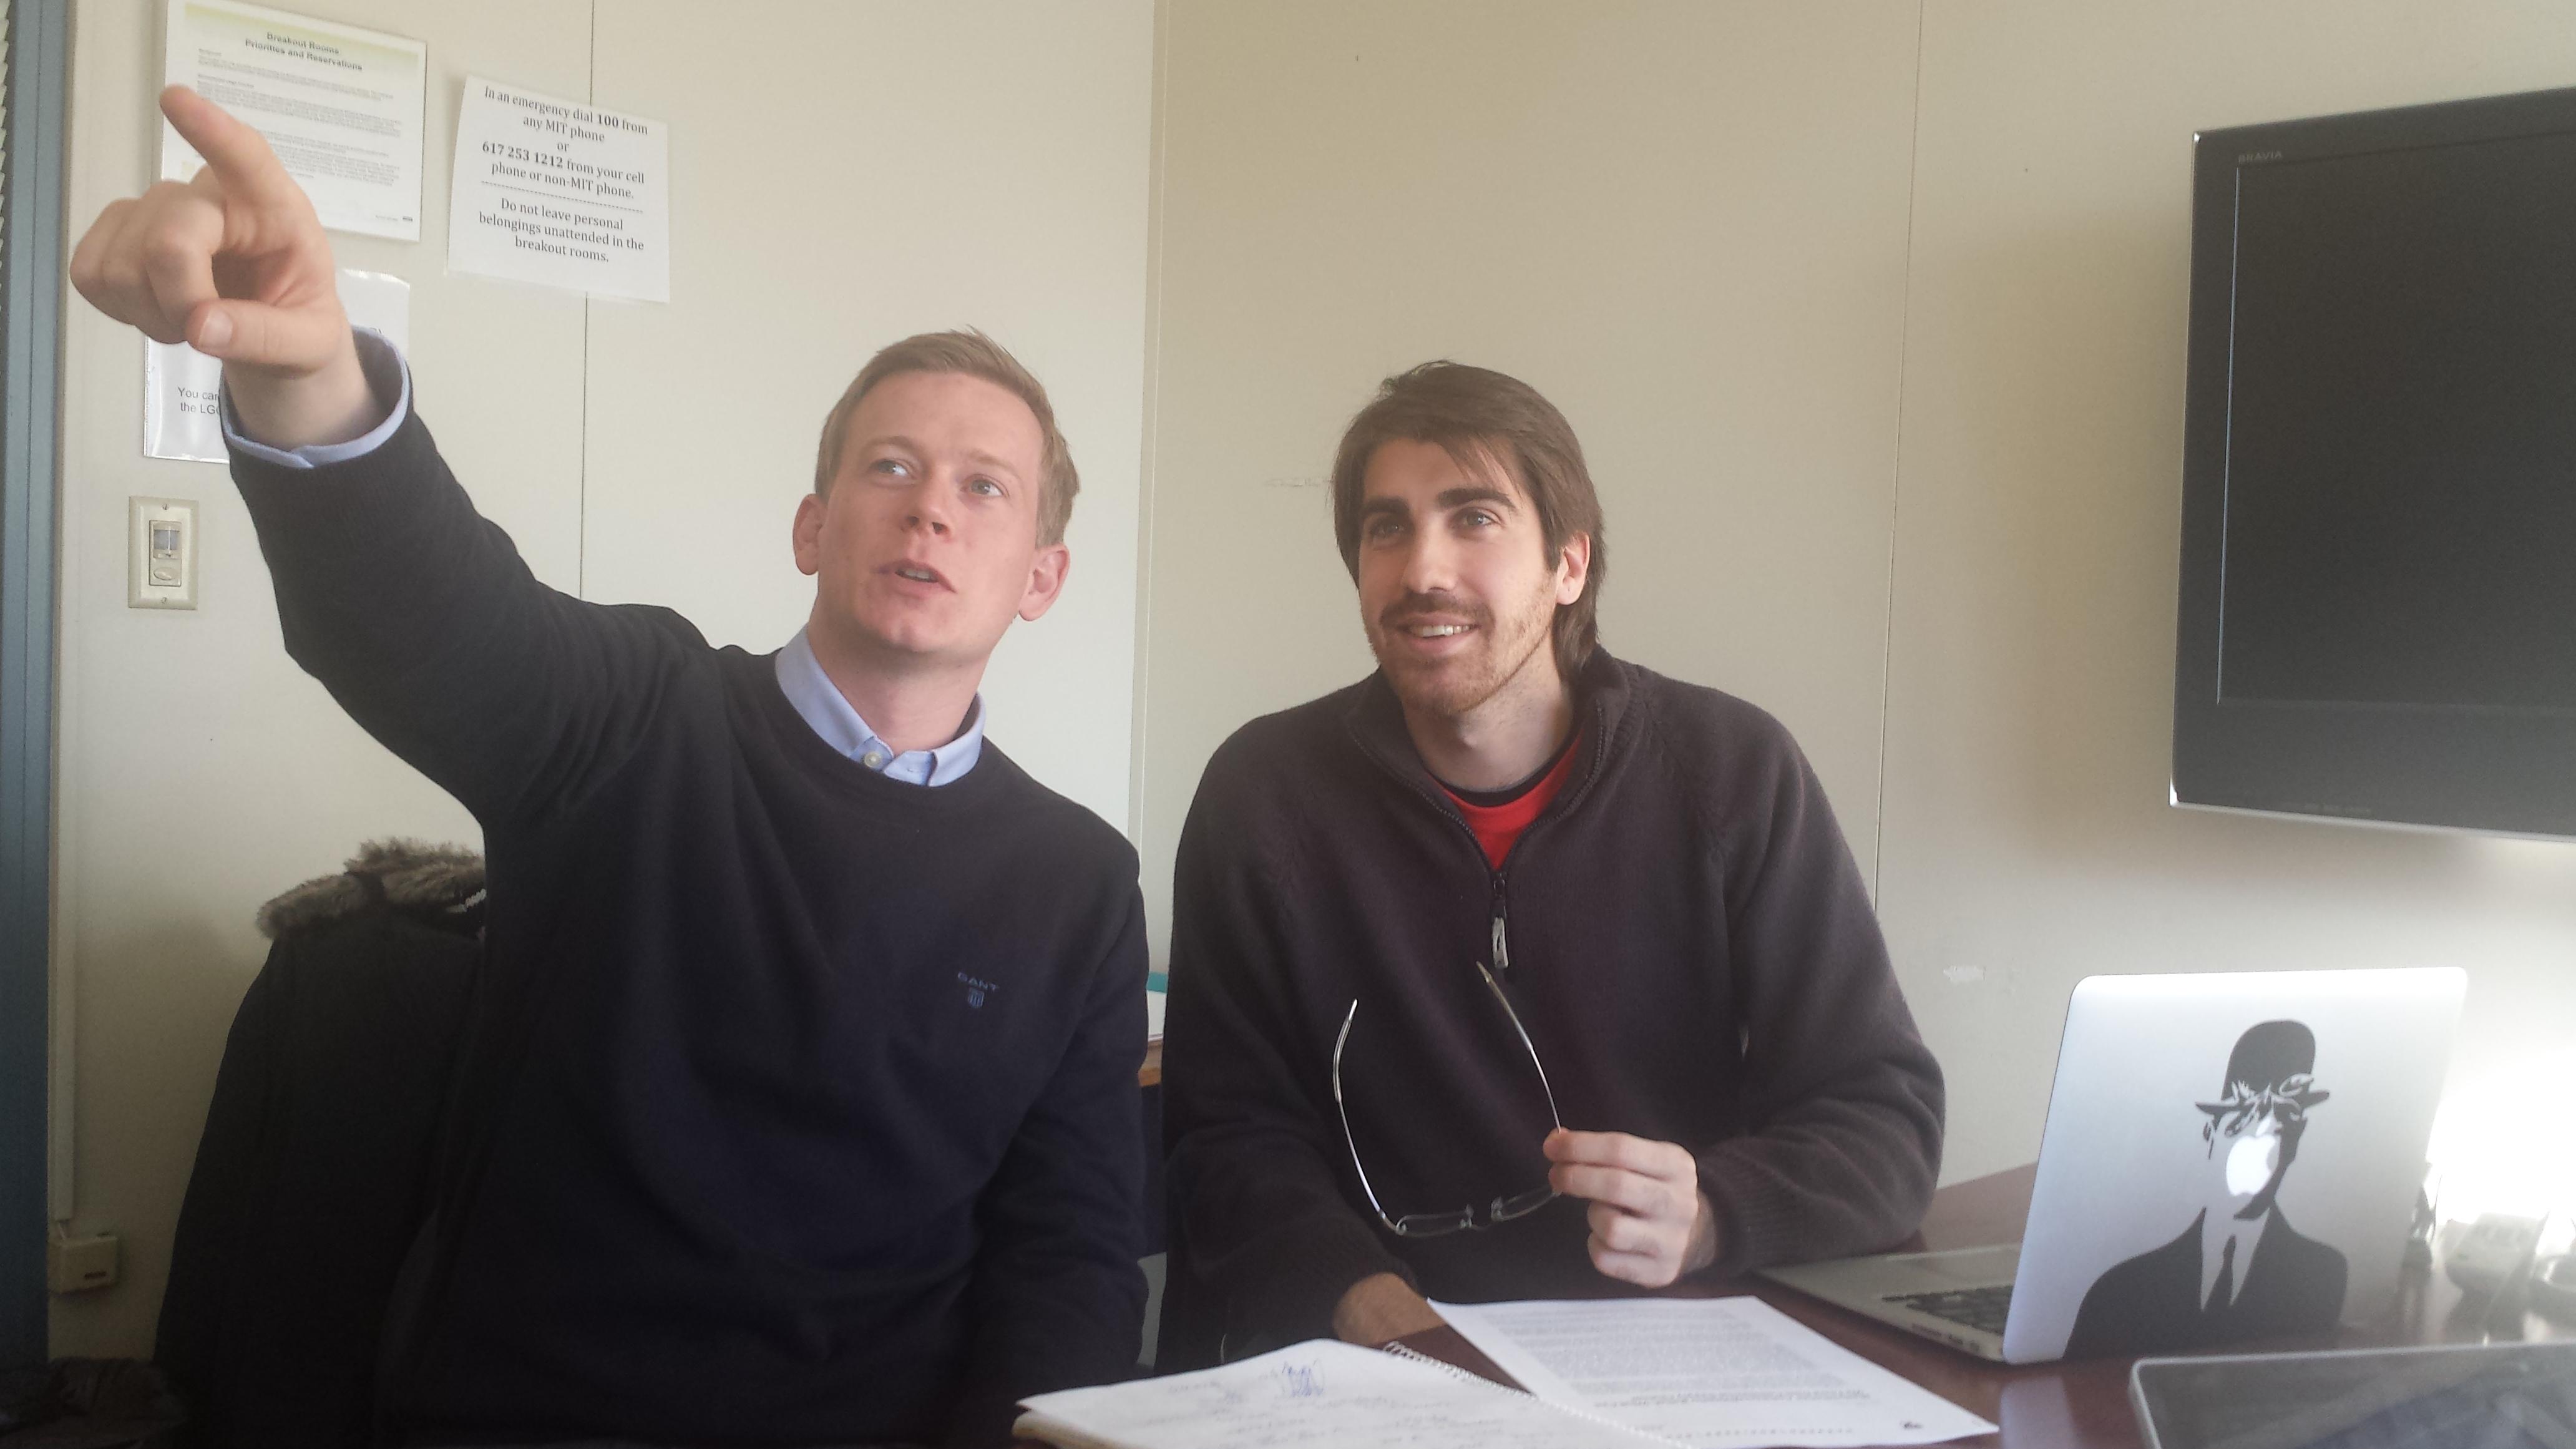 Niklas and Tomas